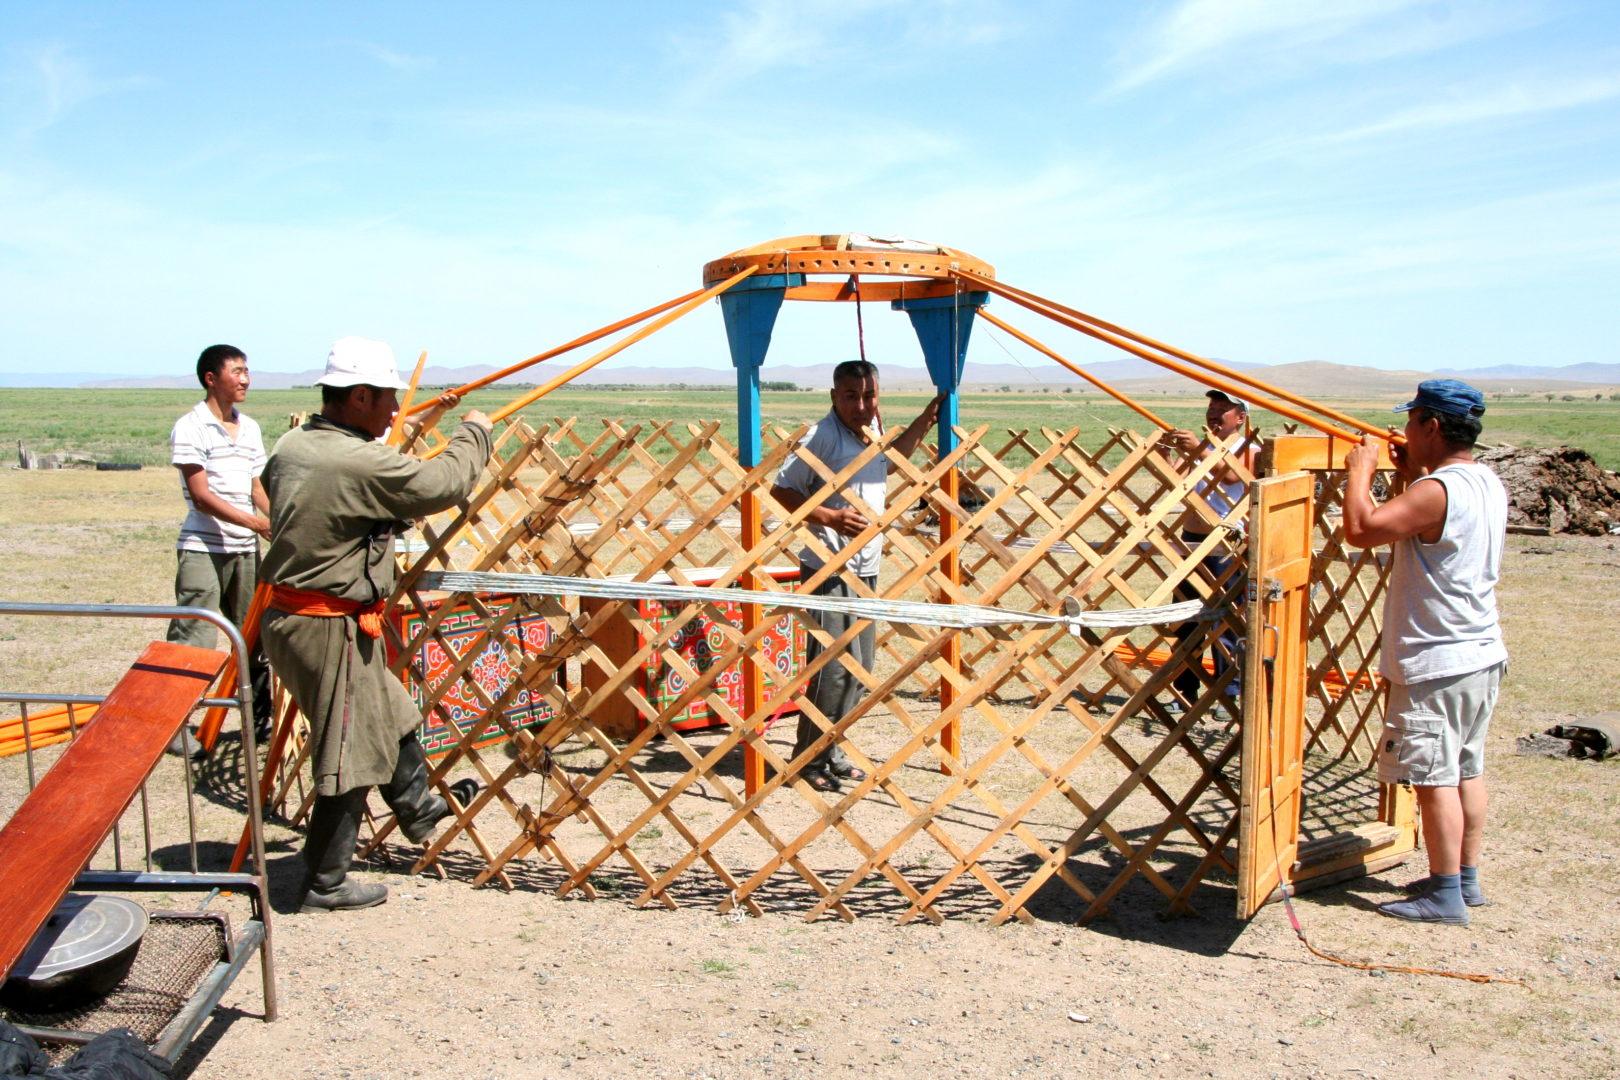 Aufbau einer Jurte